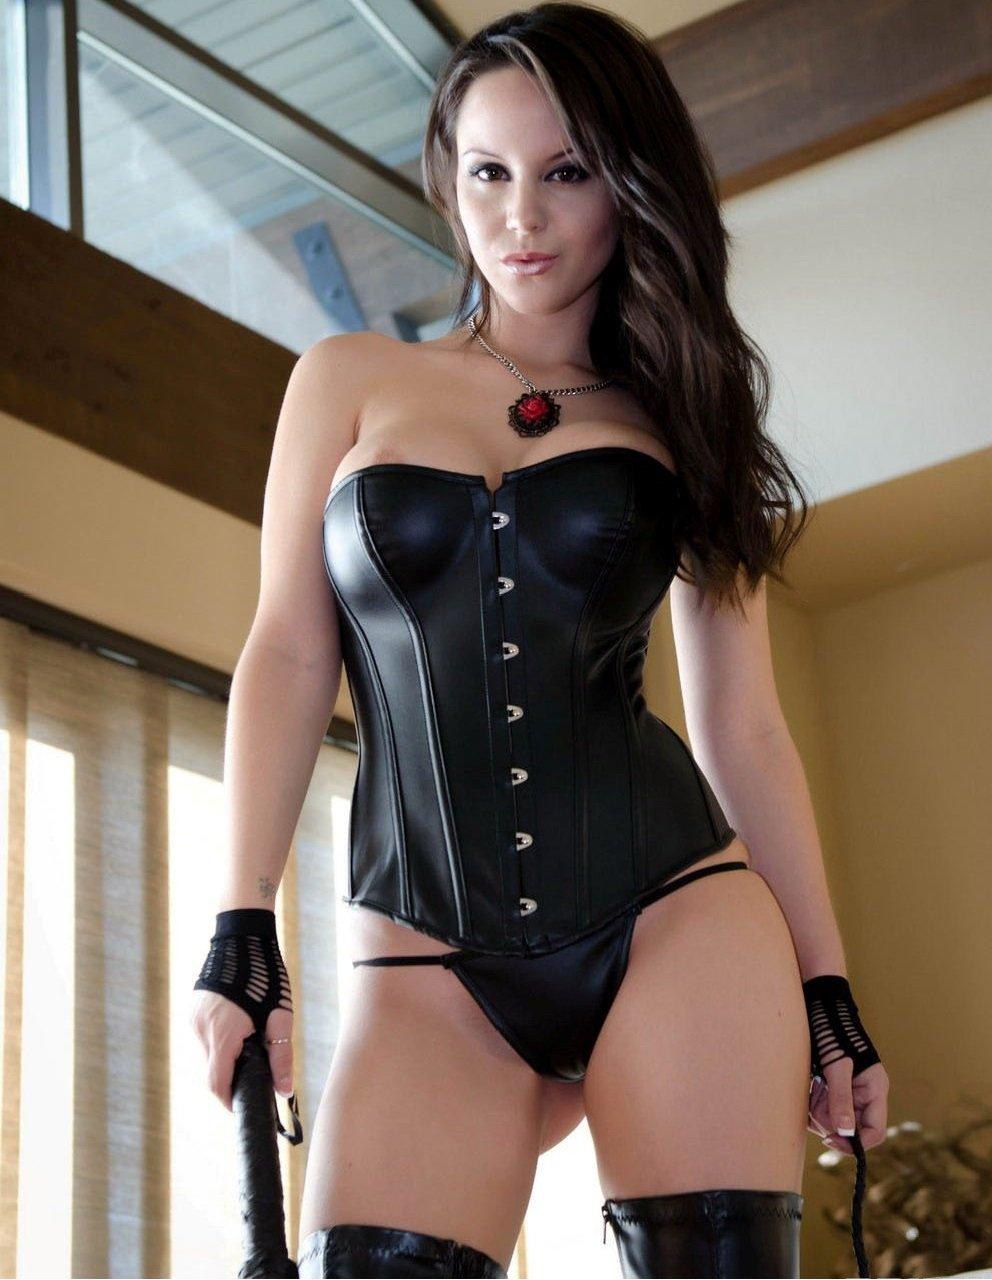 Zobacz najlepsze porno z kategorii: Kobieca dominacja